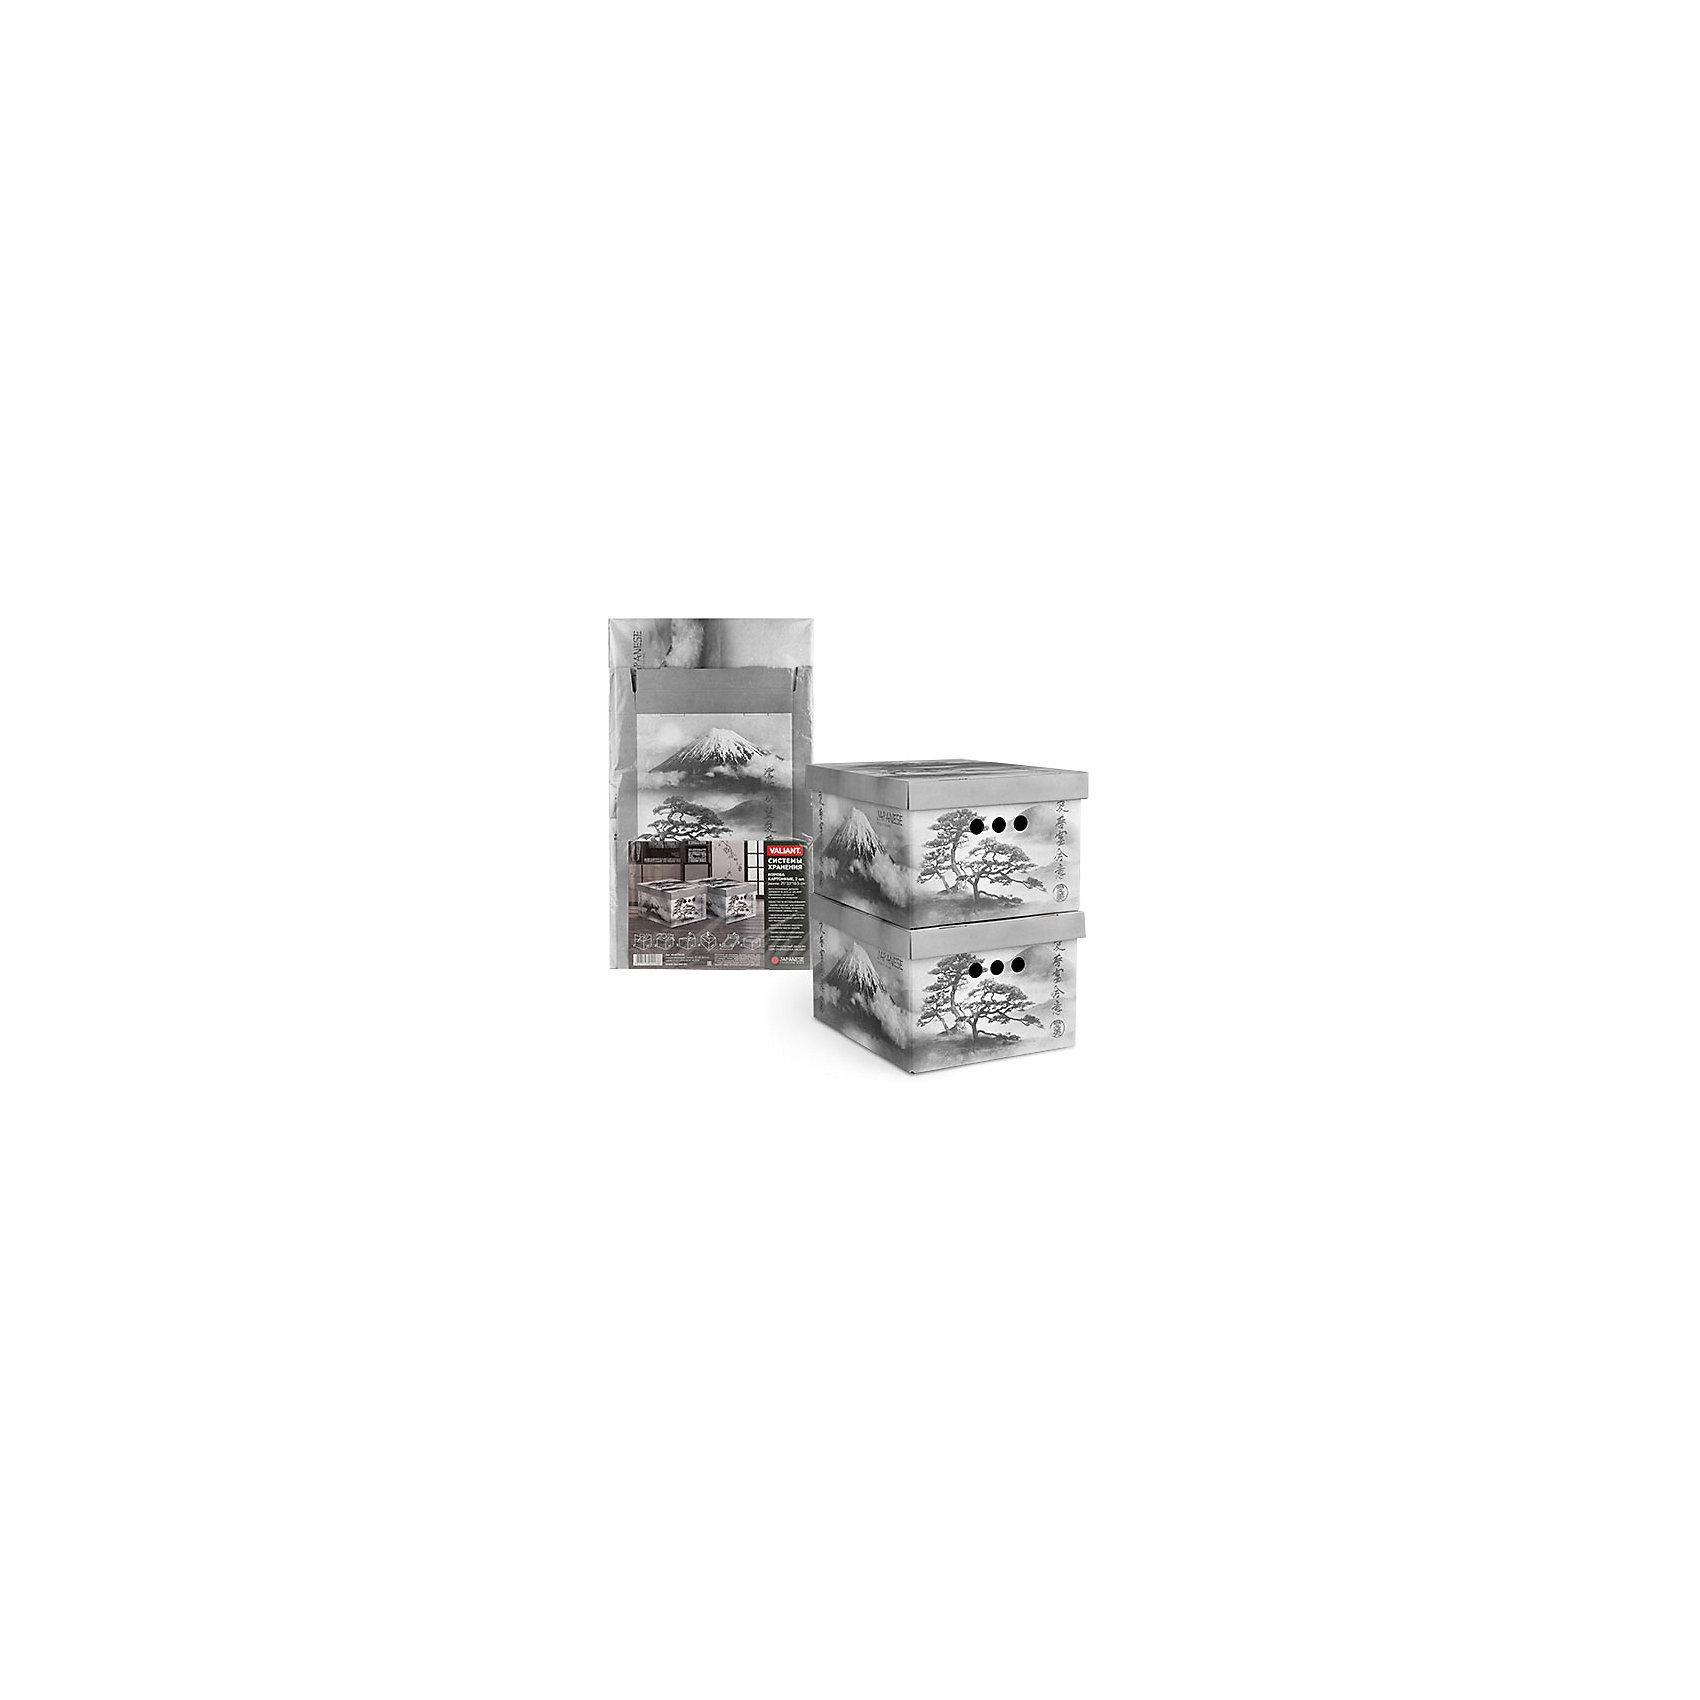 Короб картонный, складной, малый, 25*33*18.5 см, 2 шт., JAPANESE BLACK, ValiantКороб картонный, складной, малый, 25*33*18.5 см, 2 шт., JAPANESE BLACK, Valiant (Валиант) - это идеальное решение для хранения вещей.<br>Складные картонные короба JAPANESE BLACK от Valiant (Валиант) идеально подходят для хранения различных бытовых предметов, аксессуаров и одежды. Они изготовлены микрогофрокартона. Прорезные ручки с двух сторон коробов обеспечивают удобство при переноске. Крышки эстетично закрывает содержимое внутри коробов. Изделия отличаются мобильностью: легко раскладываются и складываются. Короба можно штабелировать. Картонные короба JAPANESE BLACK от Valiant (Валиант) гармонично смотрится в интерьере. Лаконичный и сдержанный дизайн, напоминающий характер самурая, разработан специально для тех, кто предпочитает строгие линии и неяркие практичные цвета.<br><br>Дополнительная информация:<br><br>- В наборе: 2 шт.<br>- Размер: 25х33х18,5 см.<br>- Материал: микрогофрокартон<br>- Цвет: светло-серый<br><br>Короб картонный, складной, малый, 25*33*18.5 см, 2 шт., JAPANESE BLACK, Valiant (Валиант) можно купить в нашем интернет-магазине.<br><br>Ширина мм: 340<br>Глубина мм: 15<br>Высота мм: 580<br>Вес г: 425<br>Возраст от месяцев: 36<br>Возраст до месяцев: 1080<br>Пол: Унисекс<br>Возраст: Детский<br>SKU: 4993431